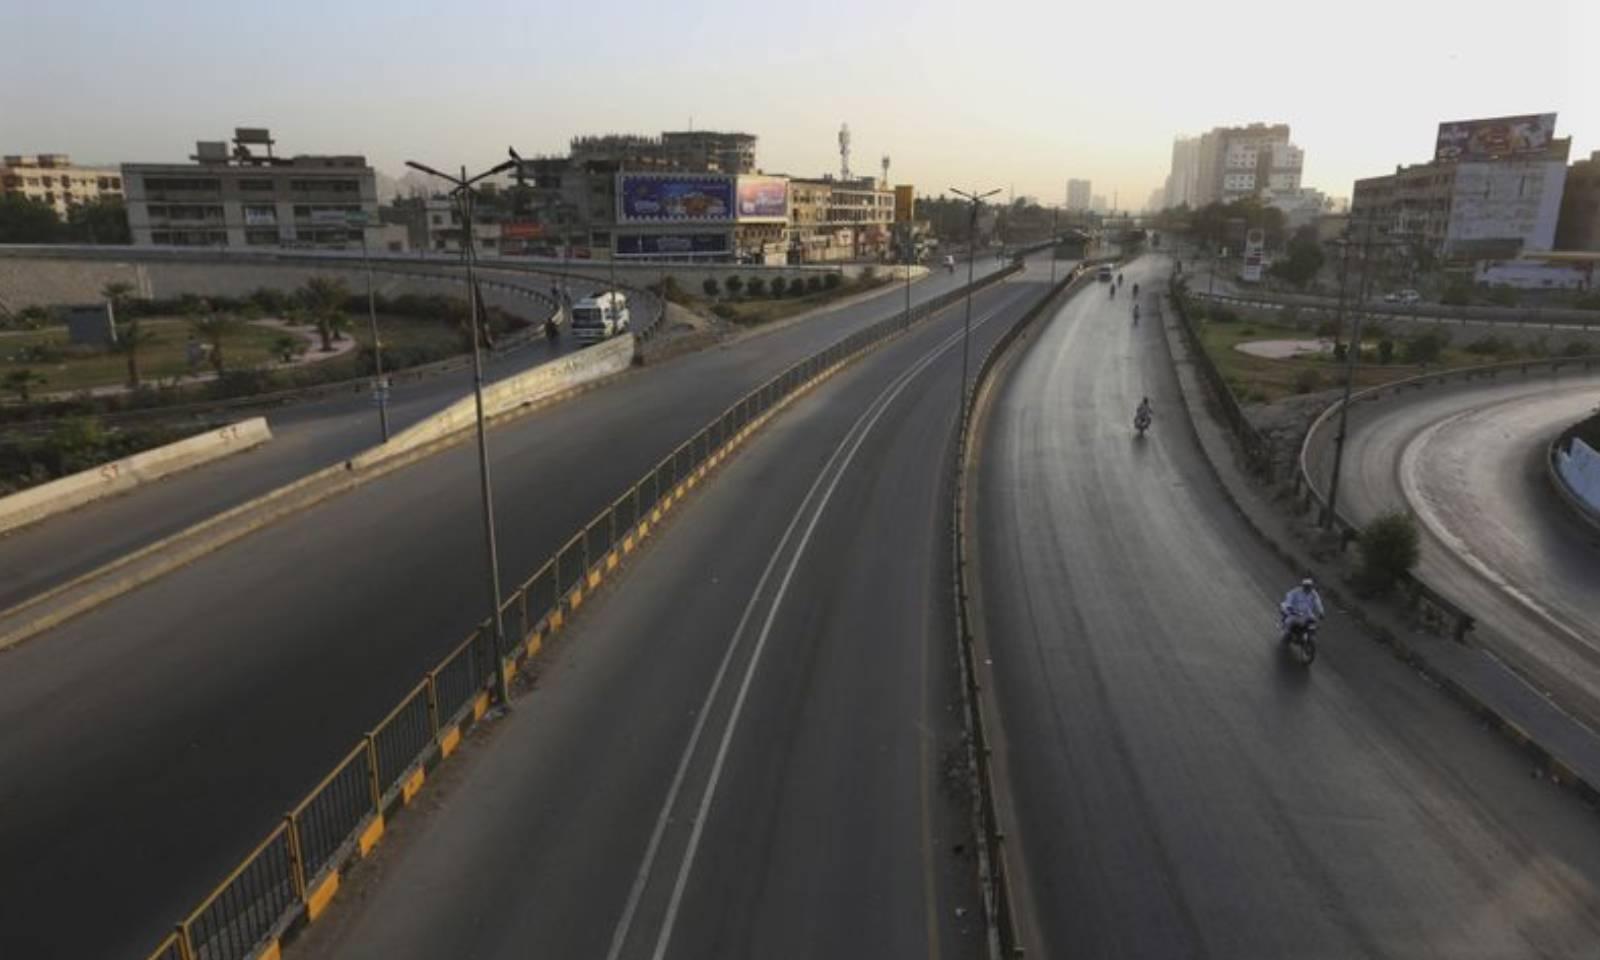 لاک ڈاؤن کے باعث کراچی کی سڑکیں ویران ہیں—فوٹو: اے پی